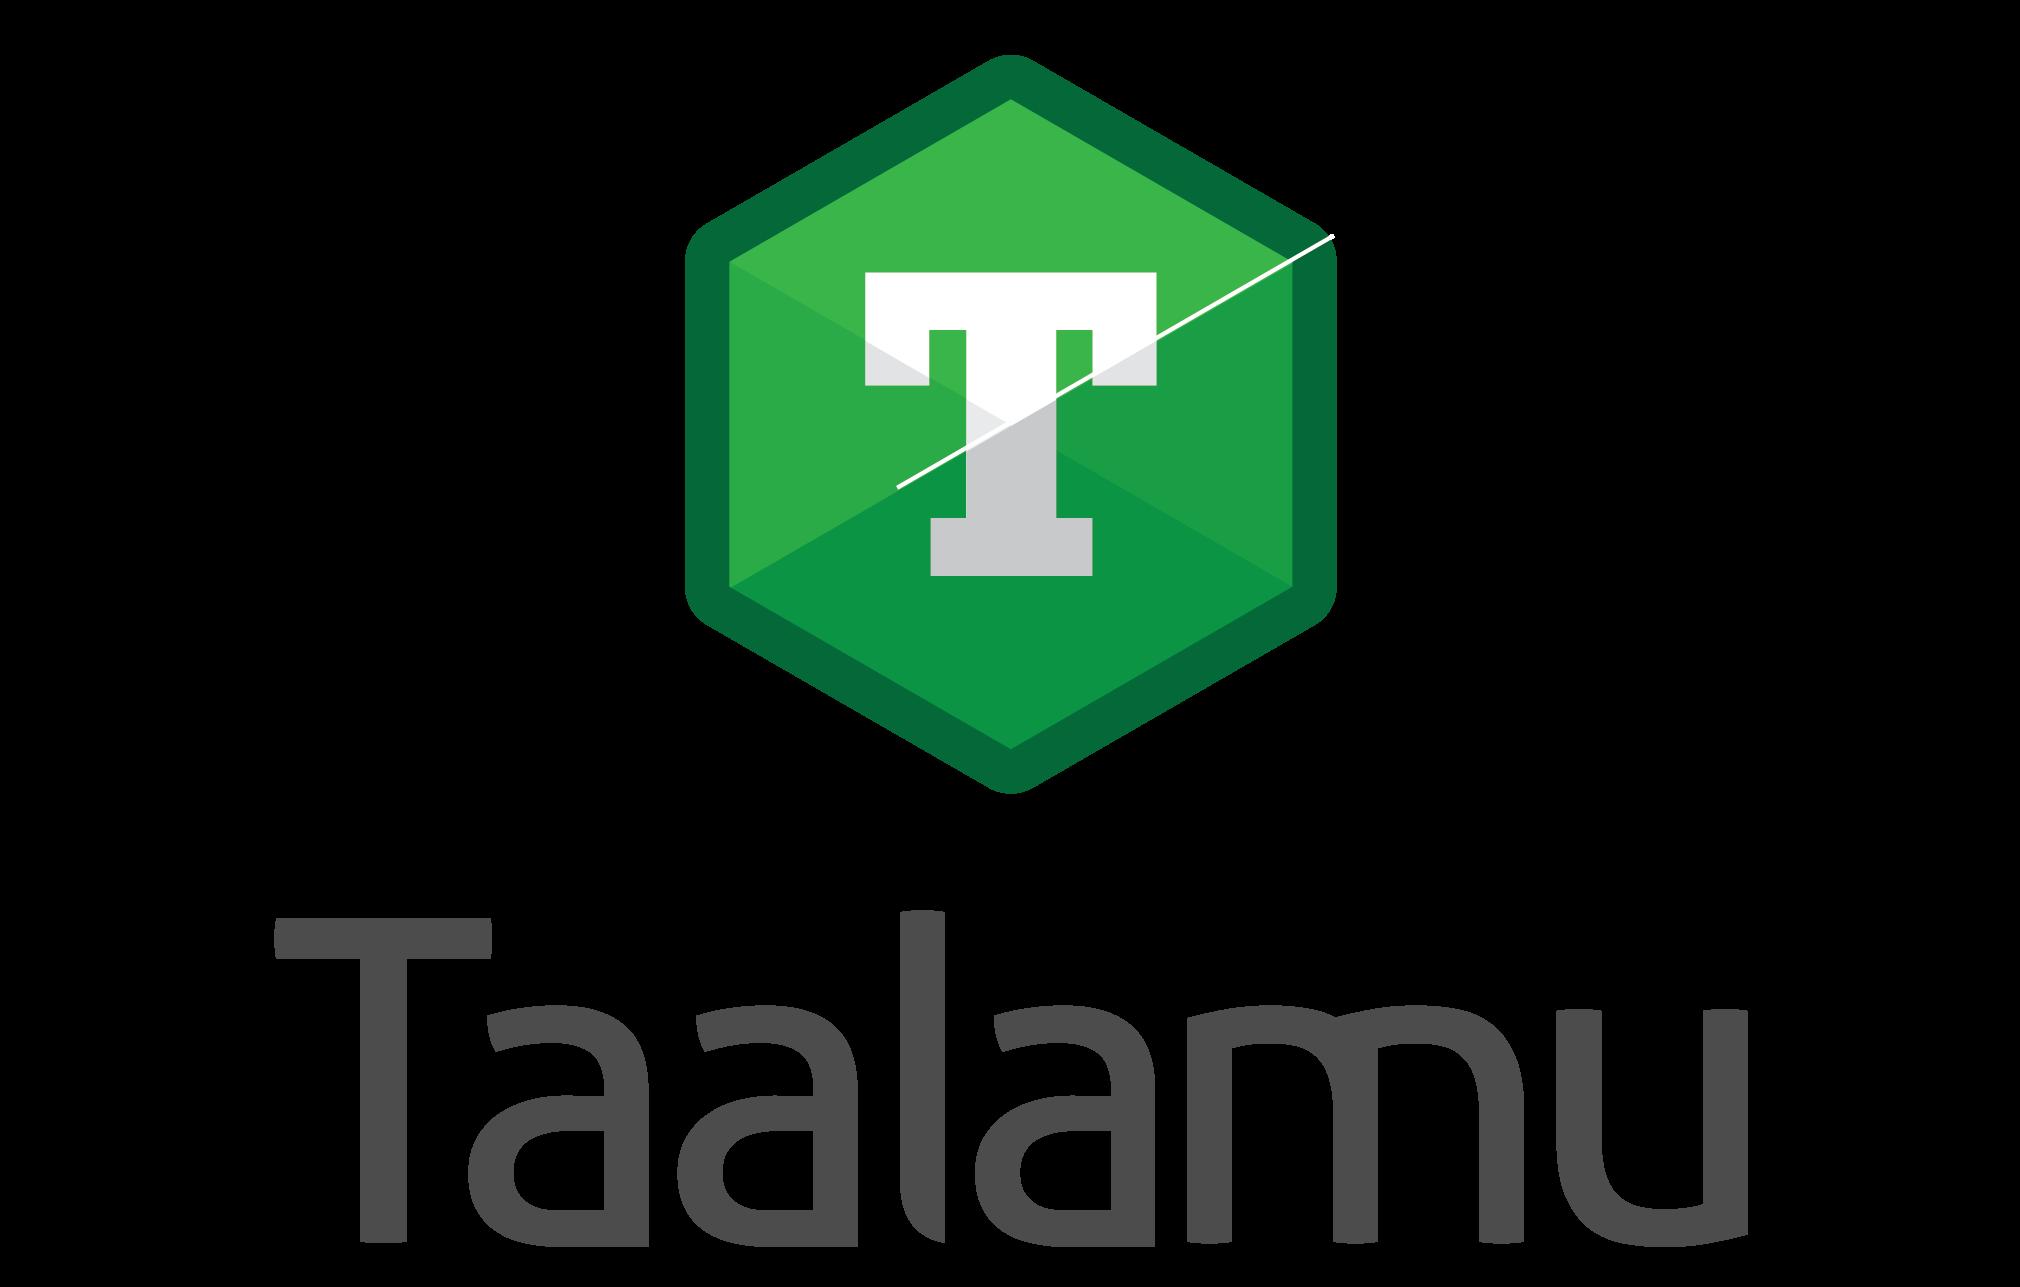 Taalamu